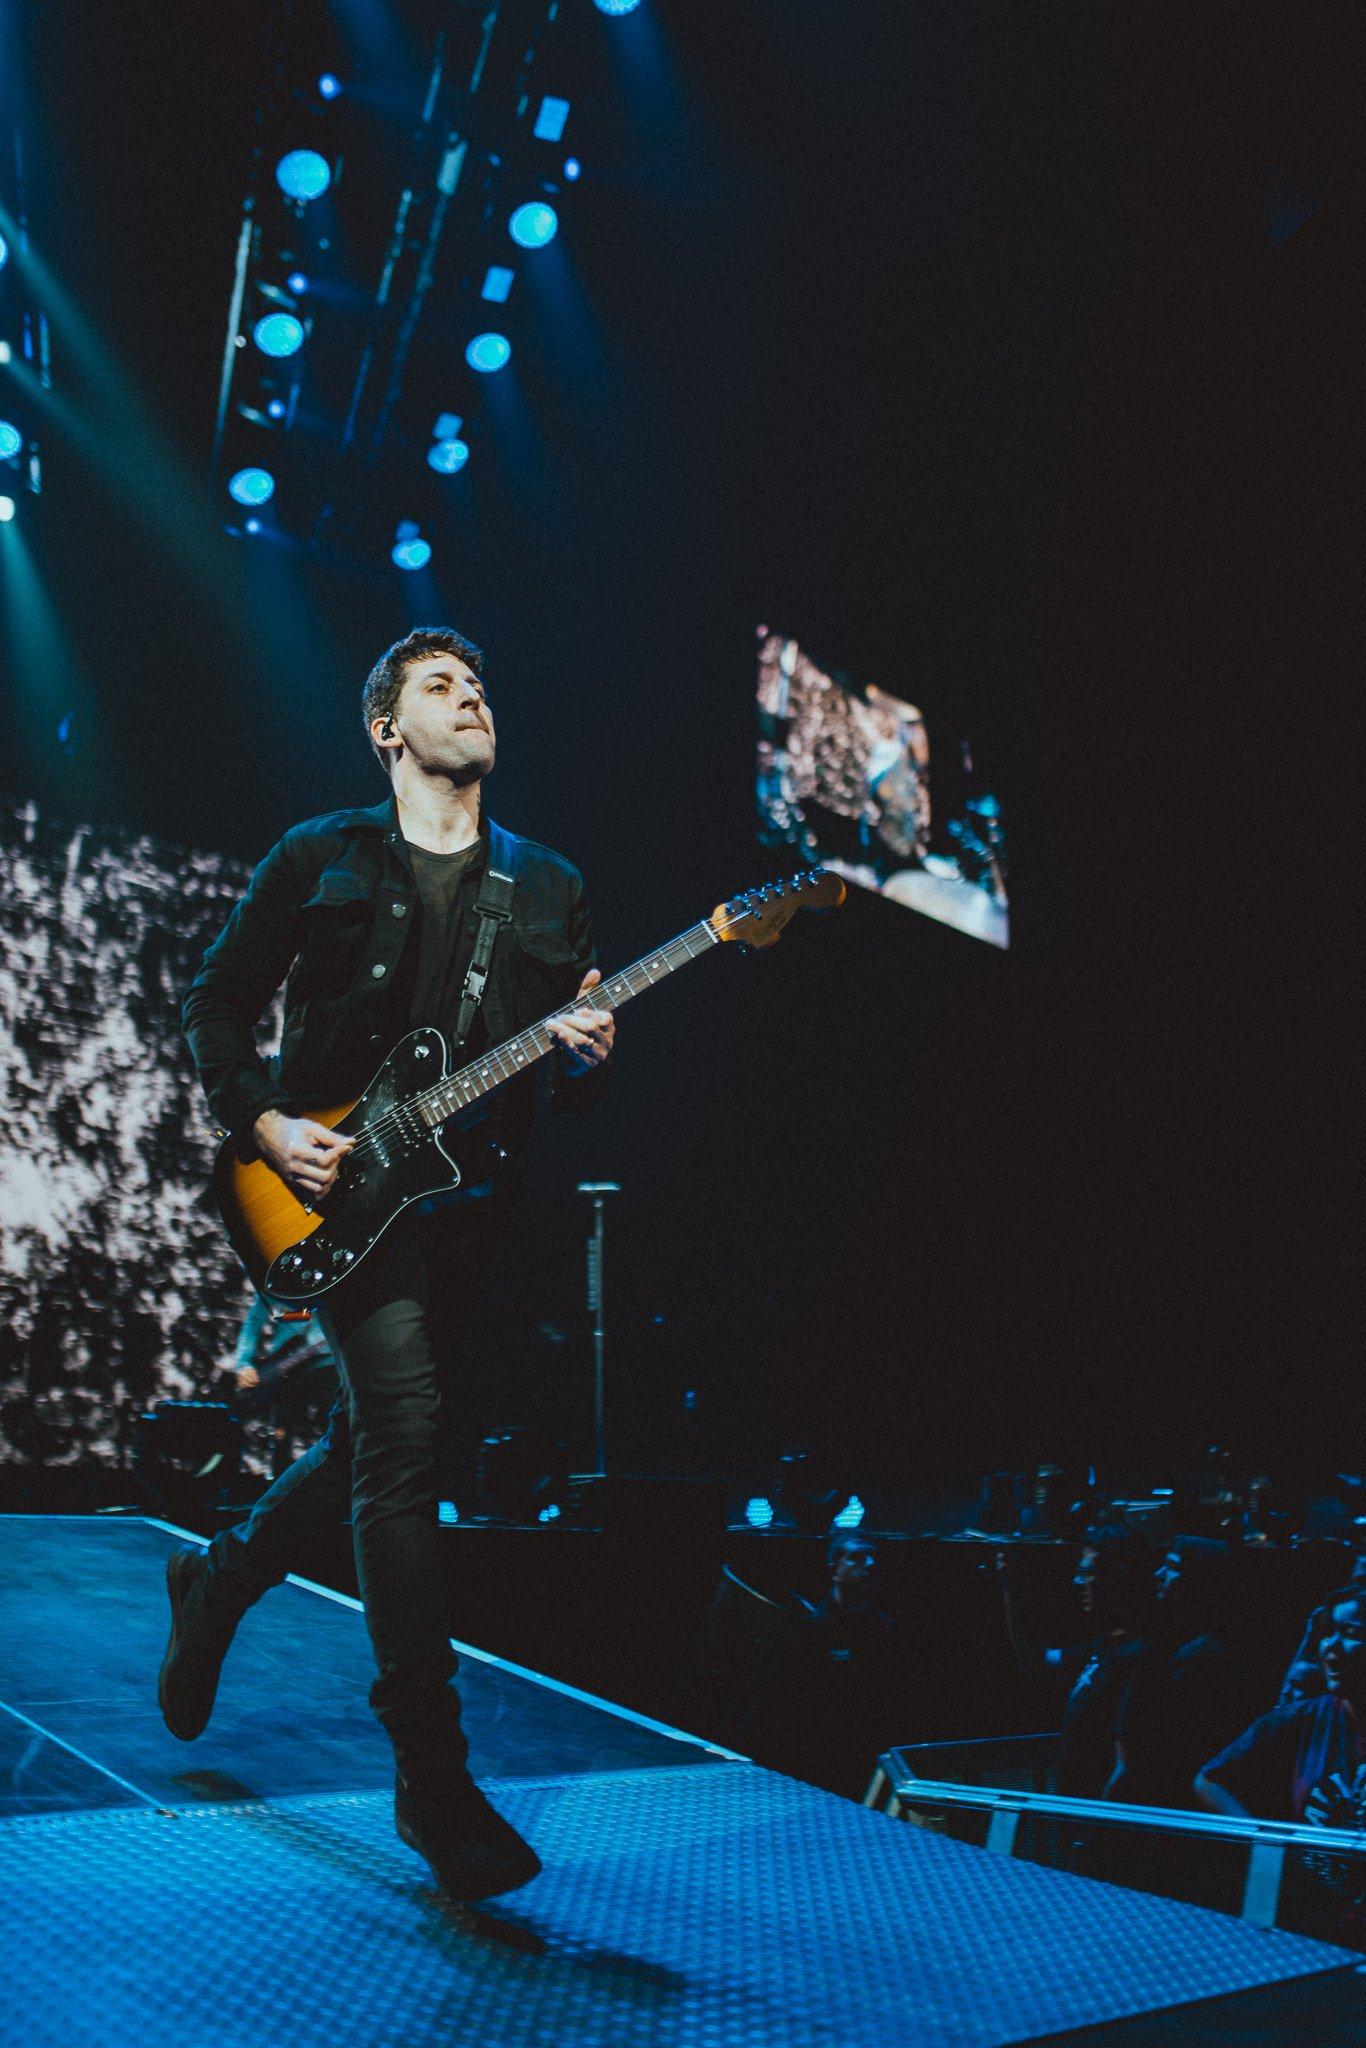 Last night of the M A  N   I    A Tour... see you later Phoenix ✌️ https://t.co/tDWQT7fbG3